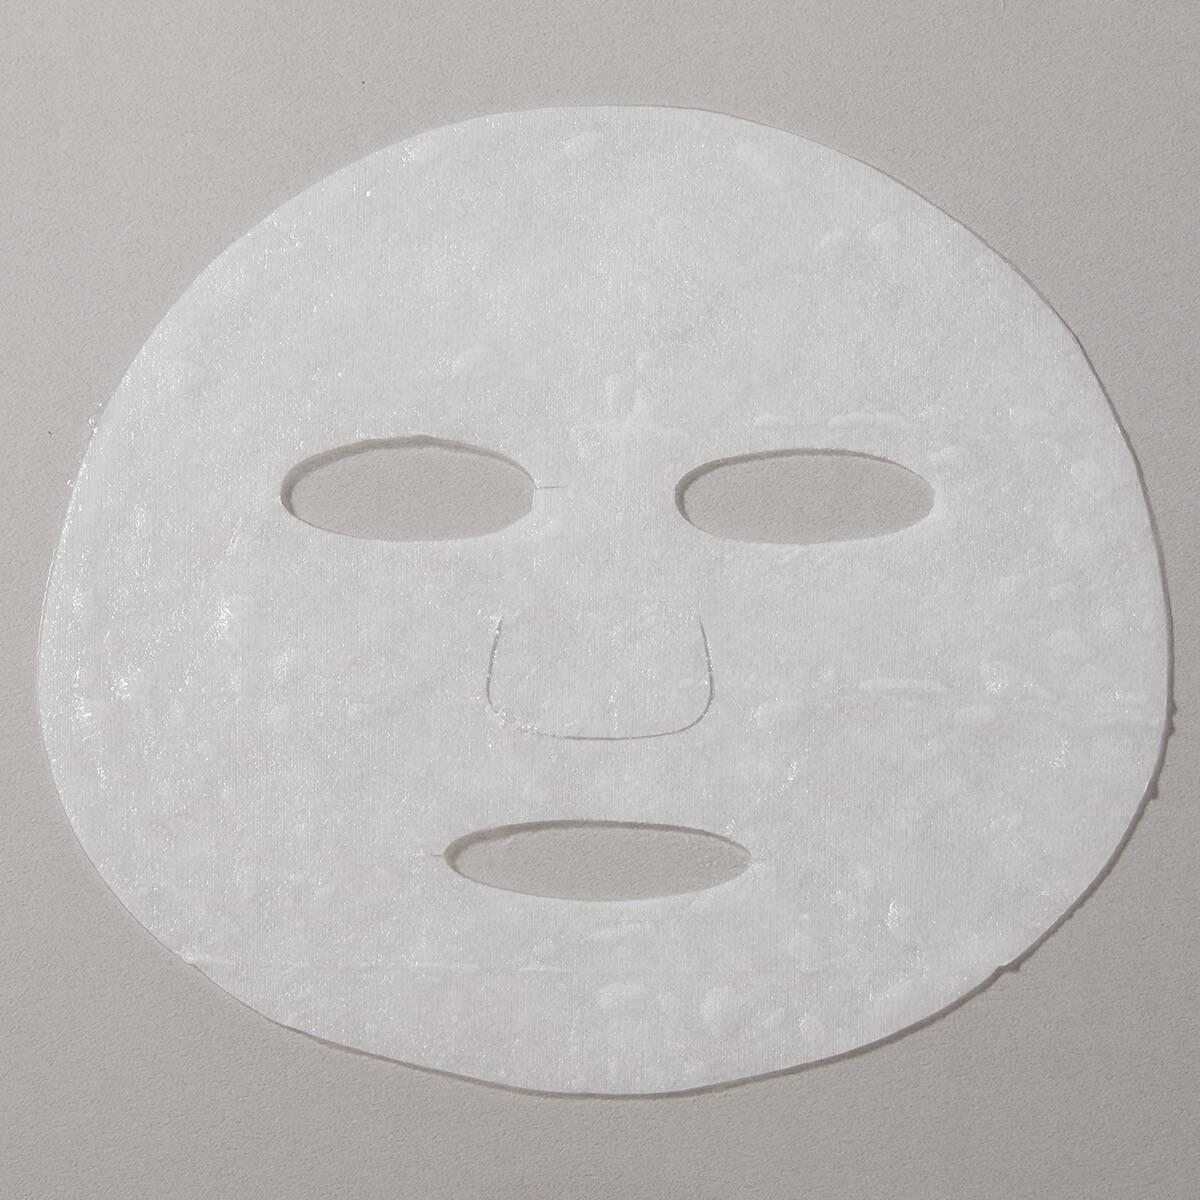 Abib(アビブ)『マイルド アシディック pH シートマスク アクア』の使用感をレポに関する画像4